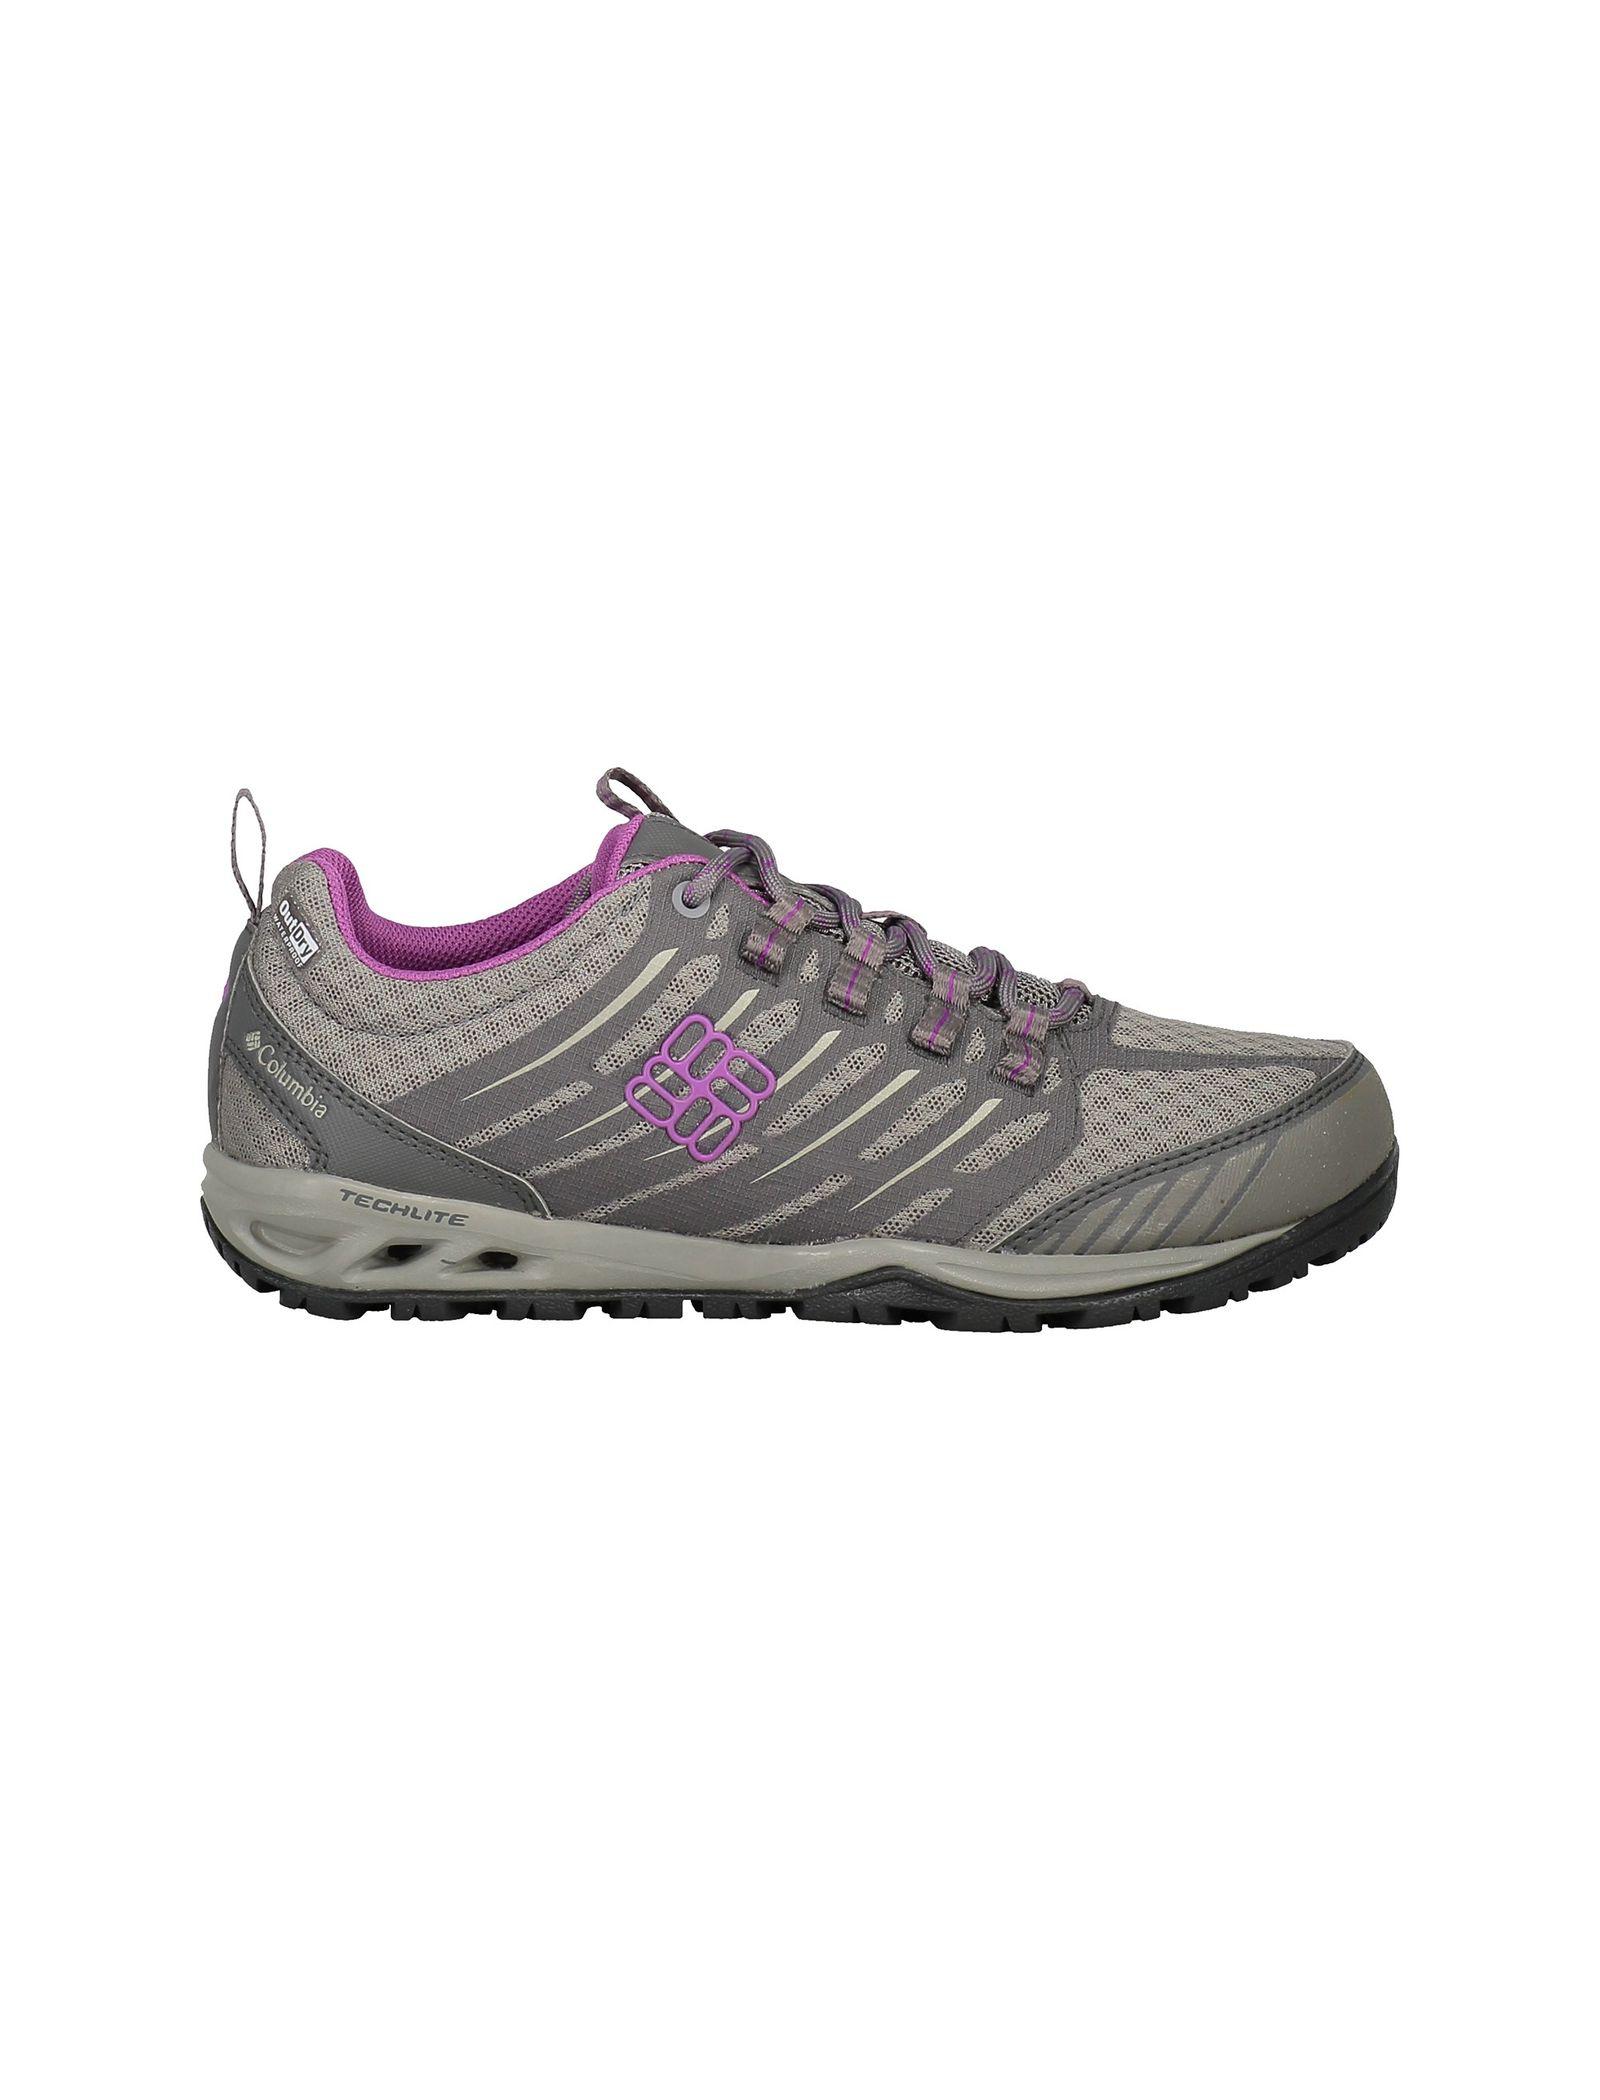 کفش دویدن بندی زنانه Ventrailia Razor Outdry - کلمبیا - طوسي - 1